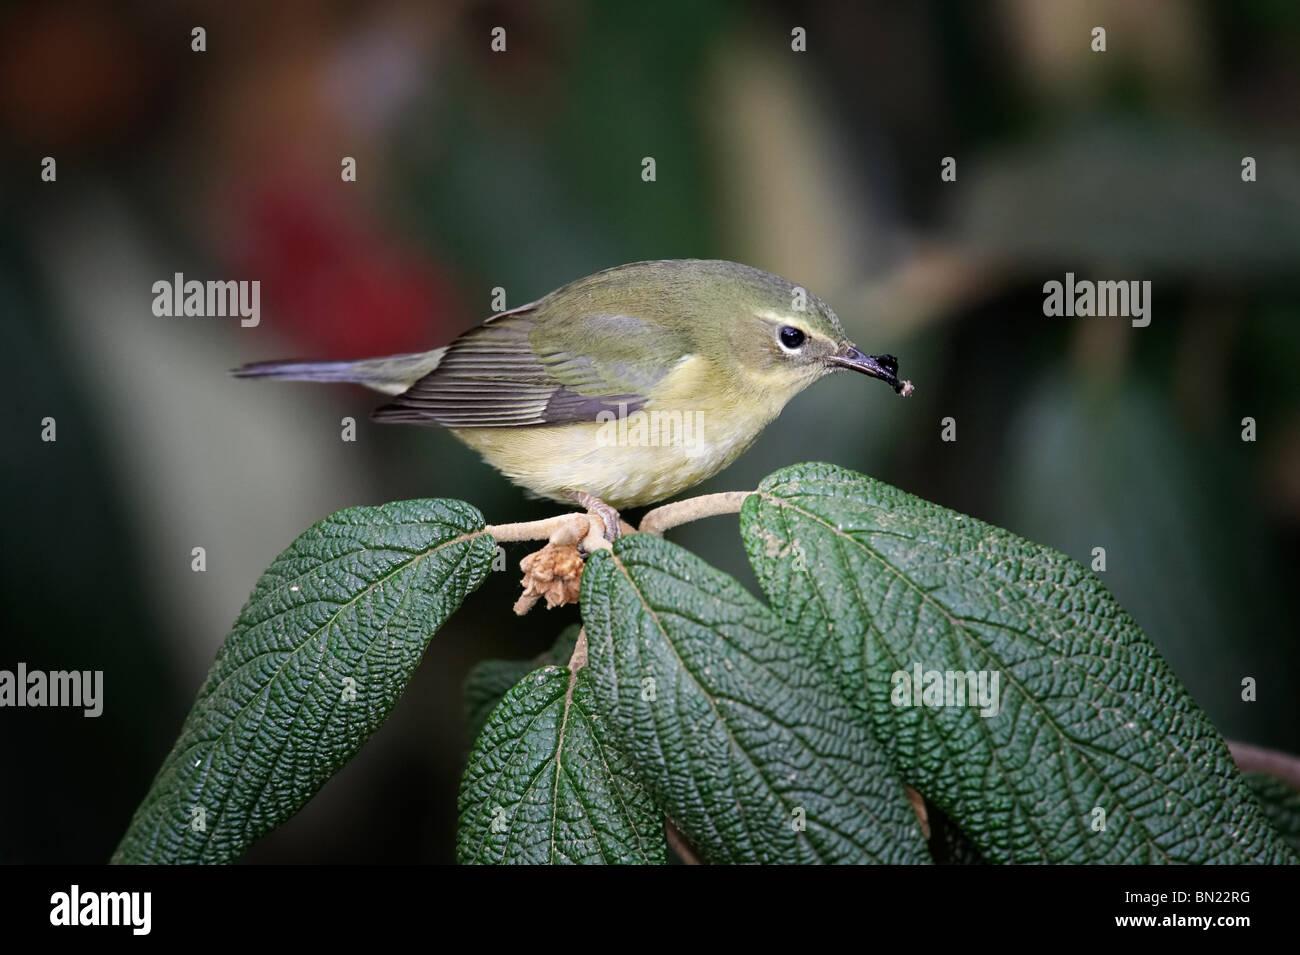 Female Black-throated Blue Warbler feeding on Leatherleaf Viburnum berries - Stock Image